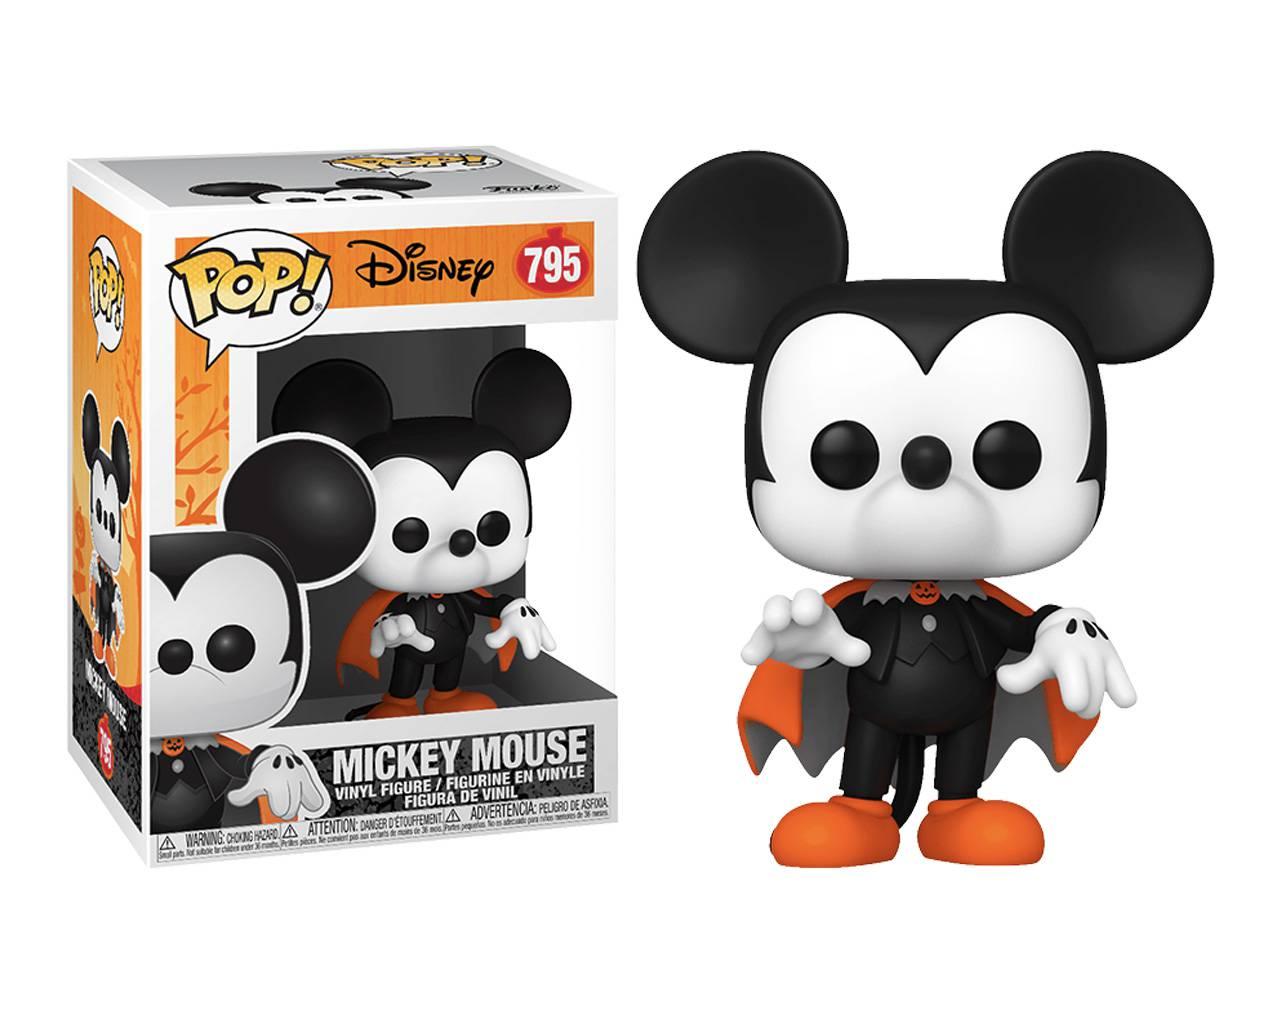 Mickey Mouse Pop! Vinyl